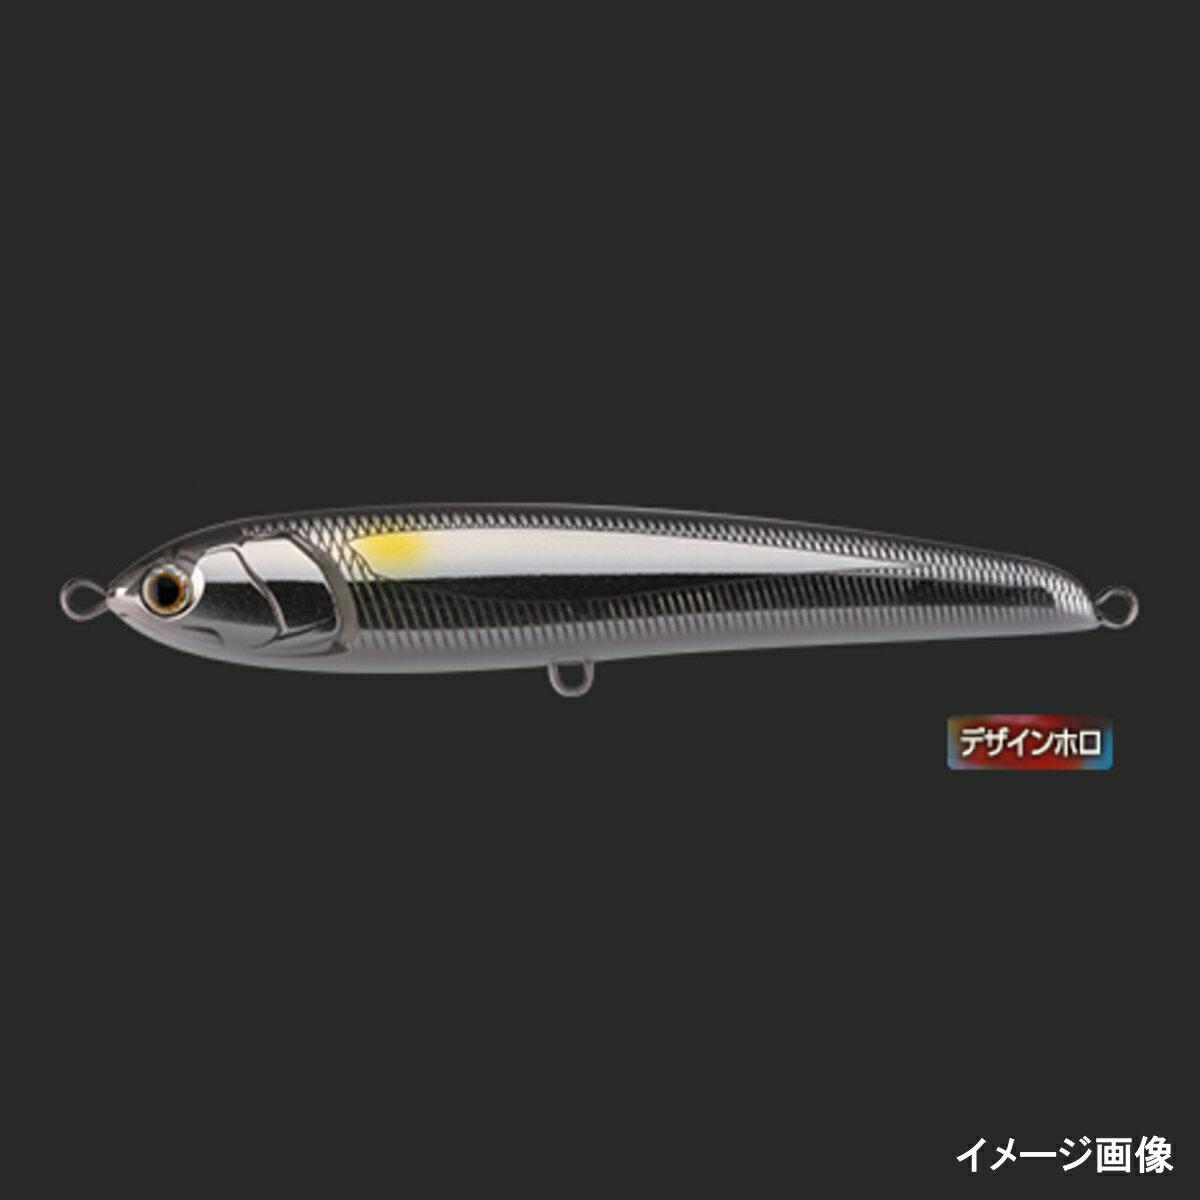 ヤマリア ラピード F160 B05D(透けトビウオ)